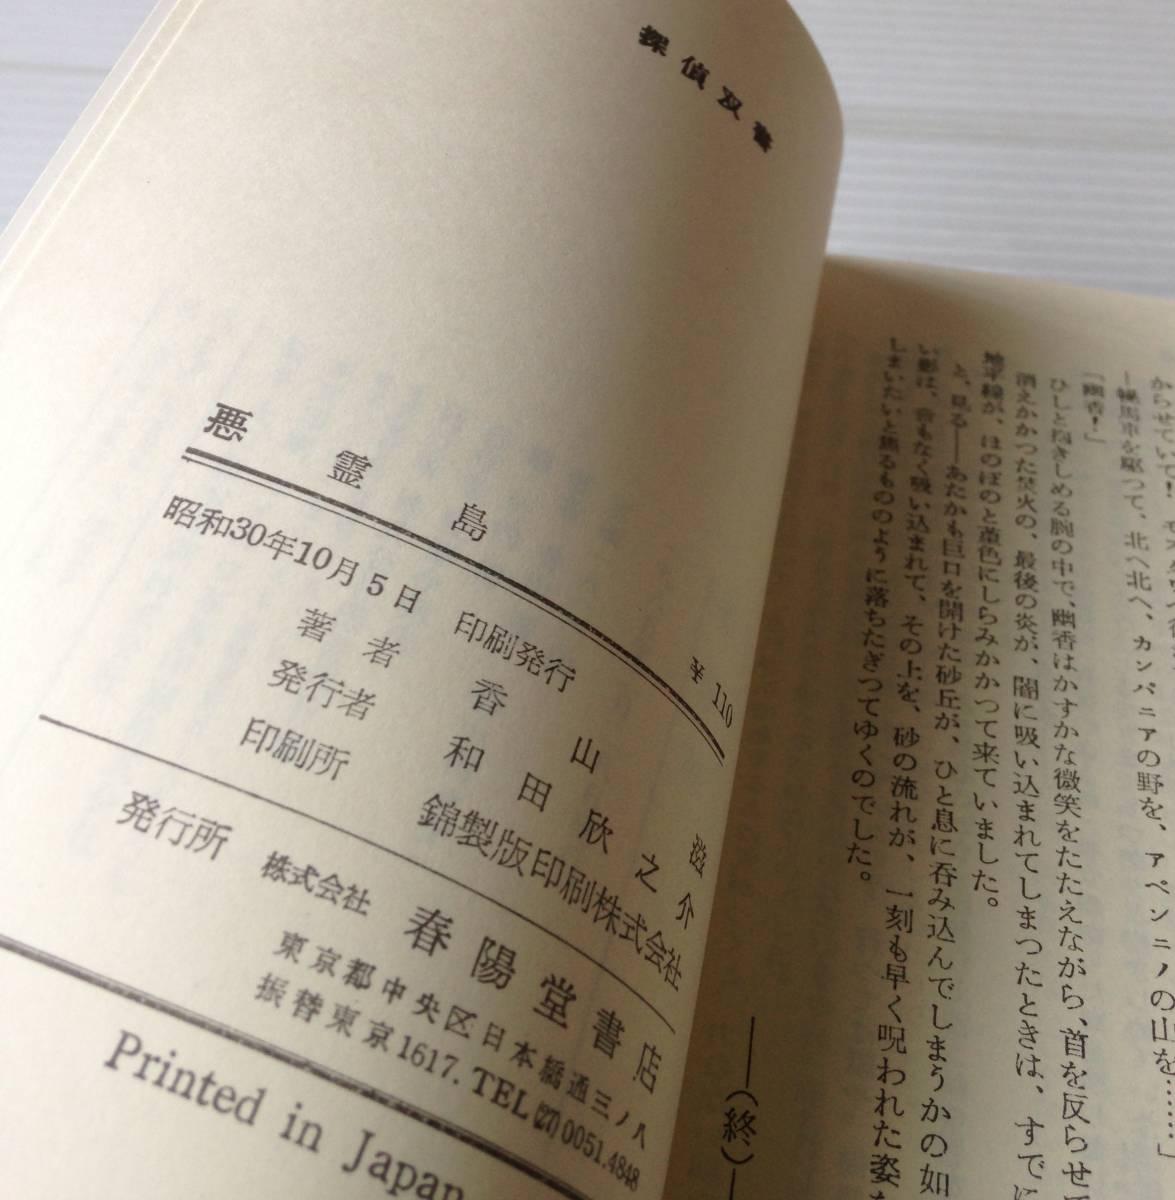 悪霊島<香山滋名作選 復刻> 香山滋 著 国書刊行会_画像4